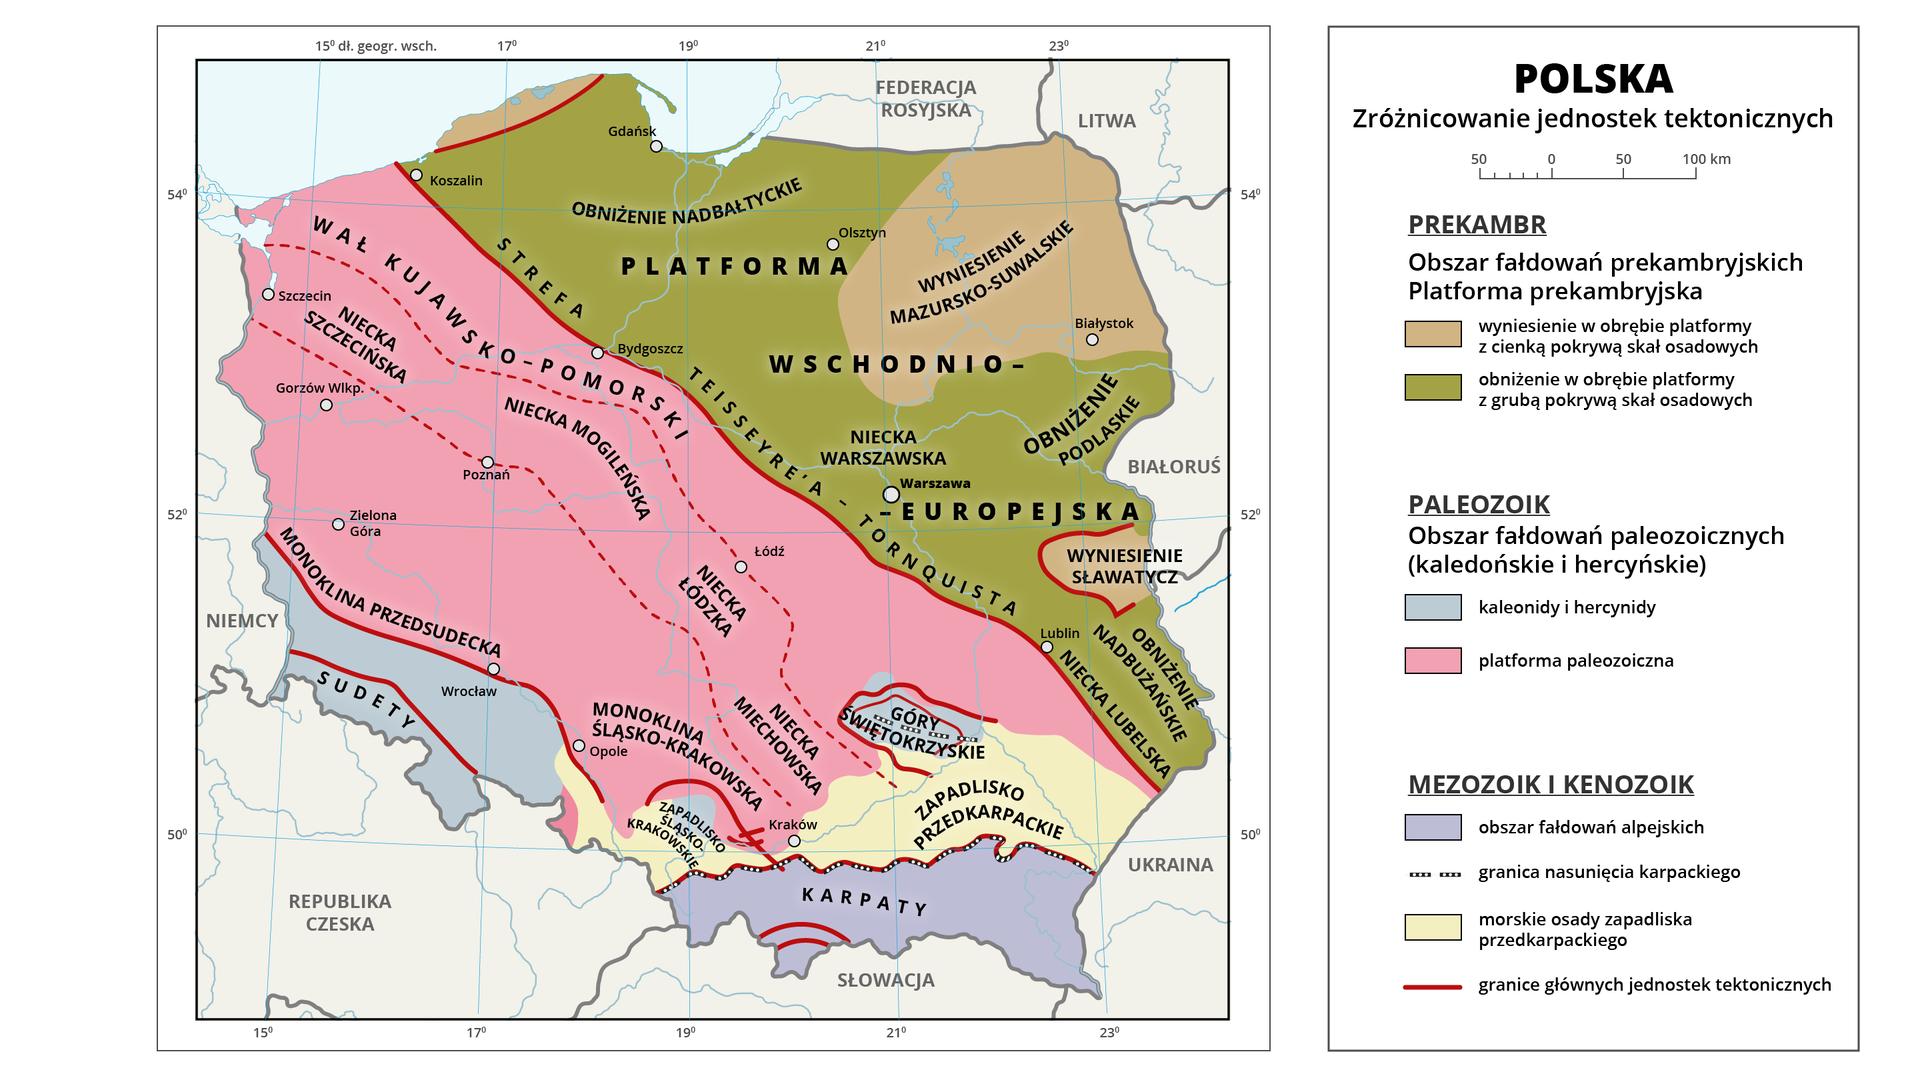 Mapa Polski przedstawia zróżnicowanie jednostek tektonicznych. Polska leży na granicy trzech głównych jednostek tektonicznych Europy odznaczających się zróżnicowaną budową geologiczną. Obszarplatformy wschodnioeuropejskiej obejmujepółnocno-wschodniączęść Polski. To obszar fałdowań prekambryjskich. Na obszarze obniżenia wobrębie platformy zgrubą pokrywą skał osadowych zaznaczono: obniżenie nadbałtyckie, nieckę warszawską, obniżenie podlaskie, nieckę lubelską, obniżenie nadbużańskie, obniżenie podlaskie. Zaznaczono także wyniesienia wobrębie platformy zcienką pokrywą skał osadowych. Wyróżniono: wyniesienie mazursko-suwalskie oraz wyniesienie Sławatycz. Strefa Teisseyre'a-Tornquistato granica pomiędzy platformą wschodnioeuropejską akolejnym obszarem zaznaczonym na mapie. Środkowa izachodniaczęść Polski to obszar platformy paleozoicznej. Wyróżniono wał kujawsko-pomorski, nieckę szczecińską, nieckę mogileńską, łódzką, miechowską, monoklinę przedsudecką, monoklinę śląsko-krakowską. Sudety iGóry Świętokrzyskie to kaledonidy ihercynidy, obszar pokryty grubą warstwą skał osadowych. Mezozoik ikenozoik to Karpaty oraz zapadliska przedkarpackie – kotliny Sandomierska iOświęcimska. To obszar fałdowań alpejskich.